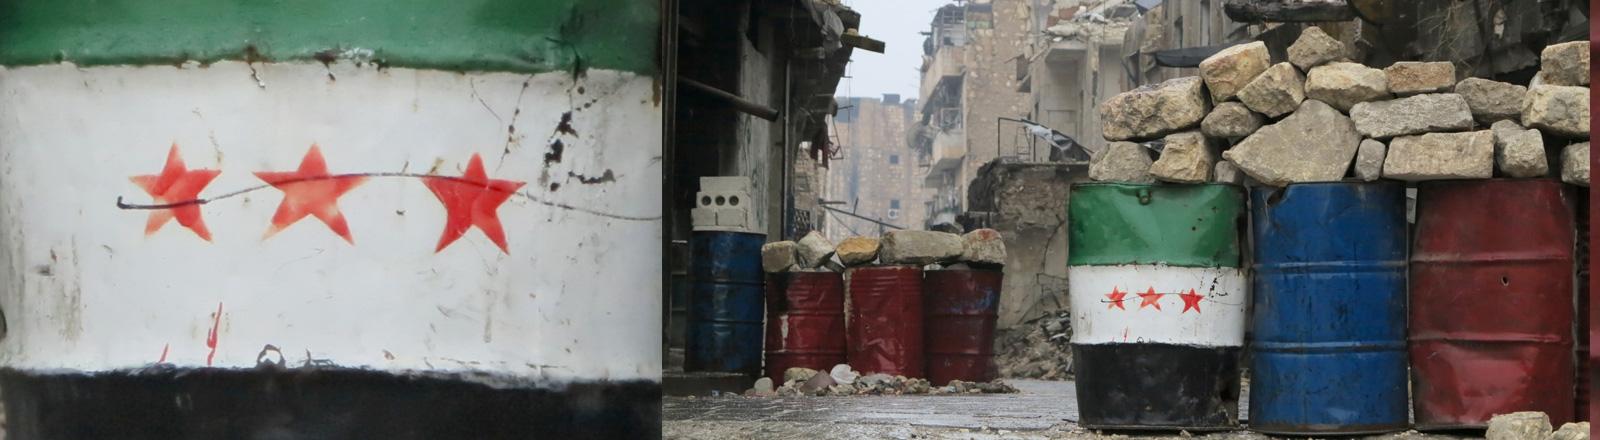 Dieser Stadtteil in Ost-Aleppo ist am 13.12.2016 von den Regierungstruppen eingenommen worden.